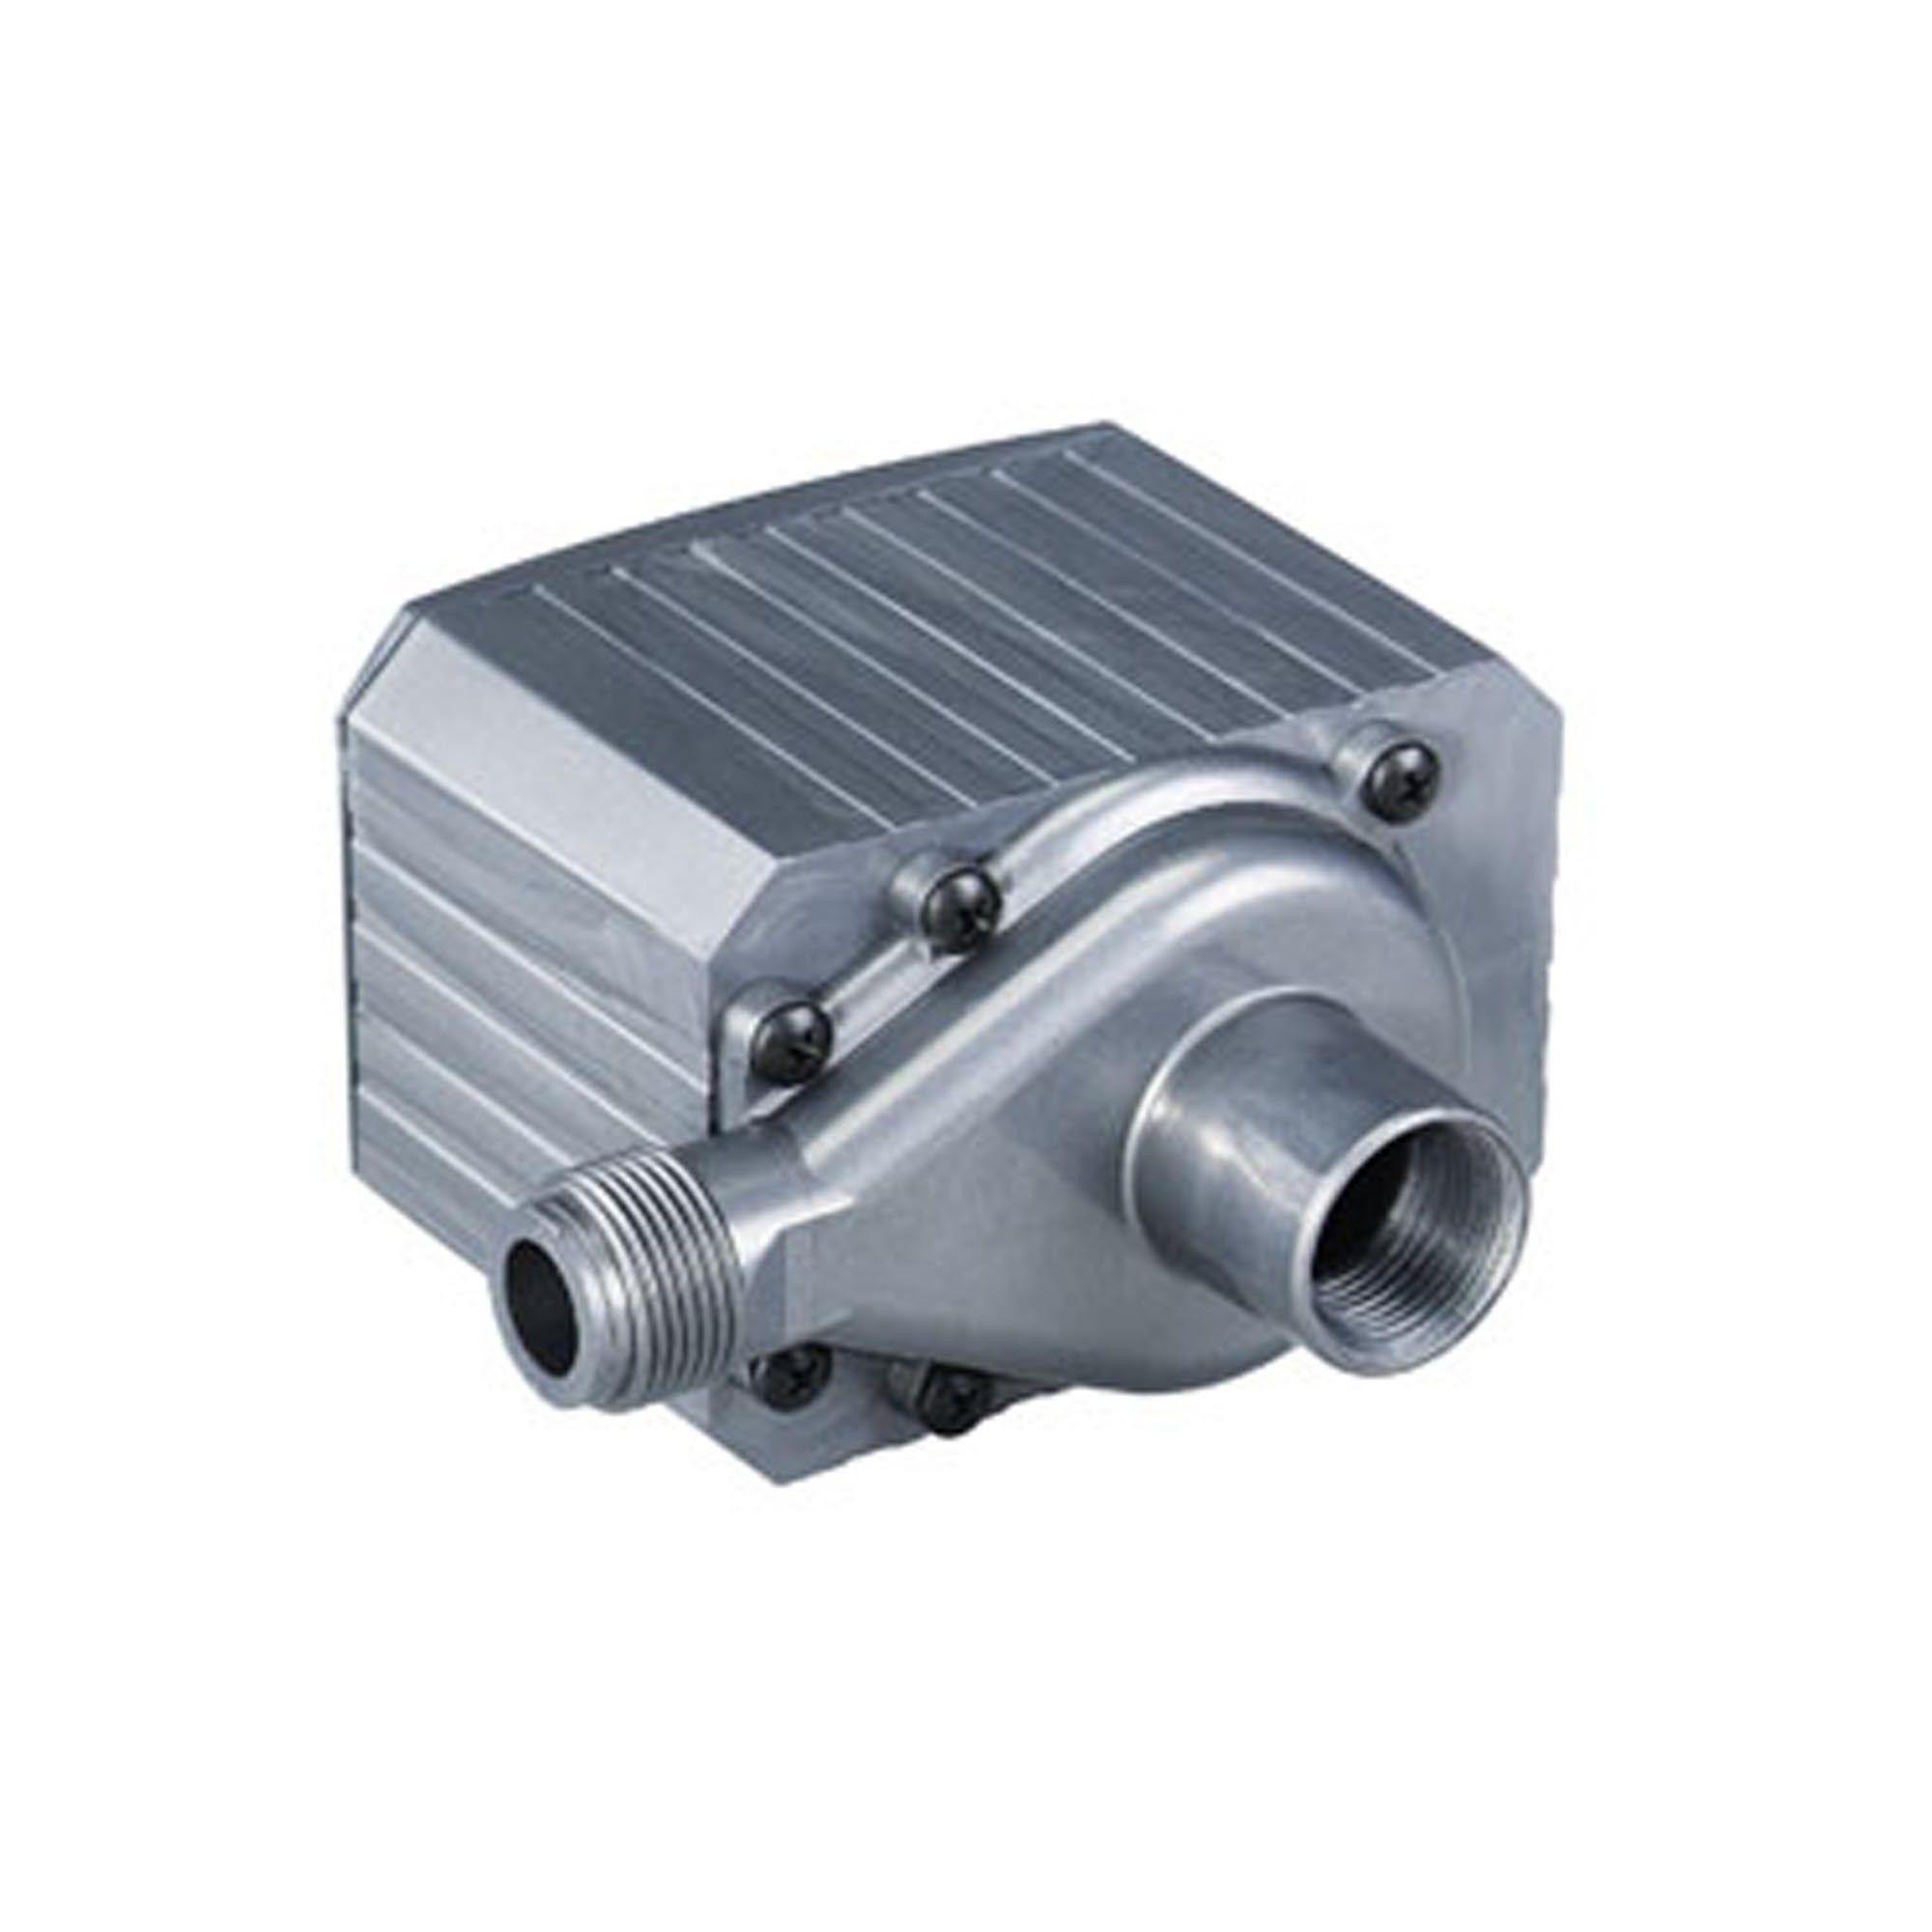 Danner Mag-Drive 5 Supreme Water Pump